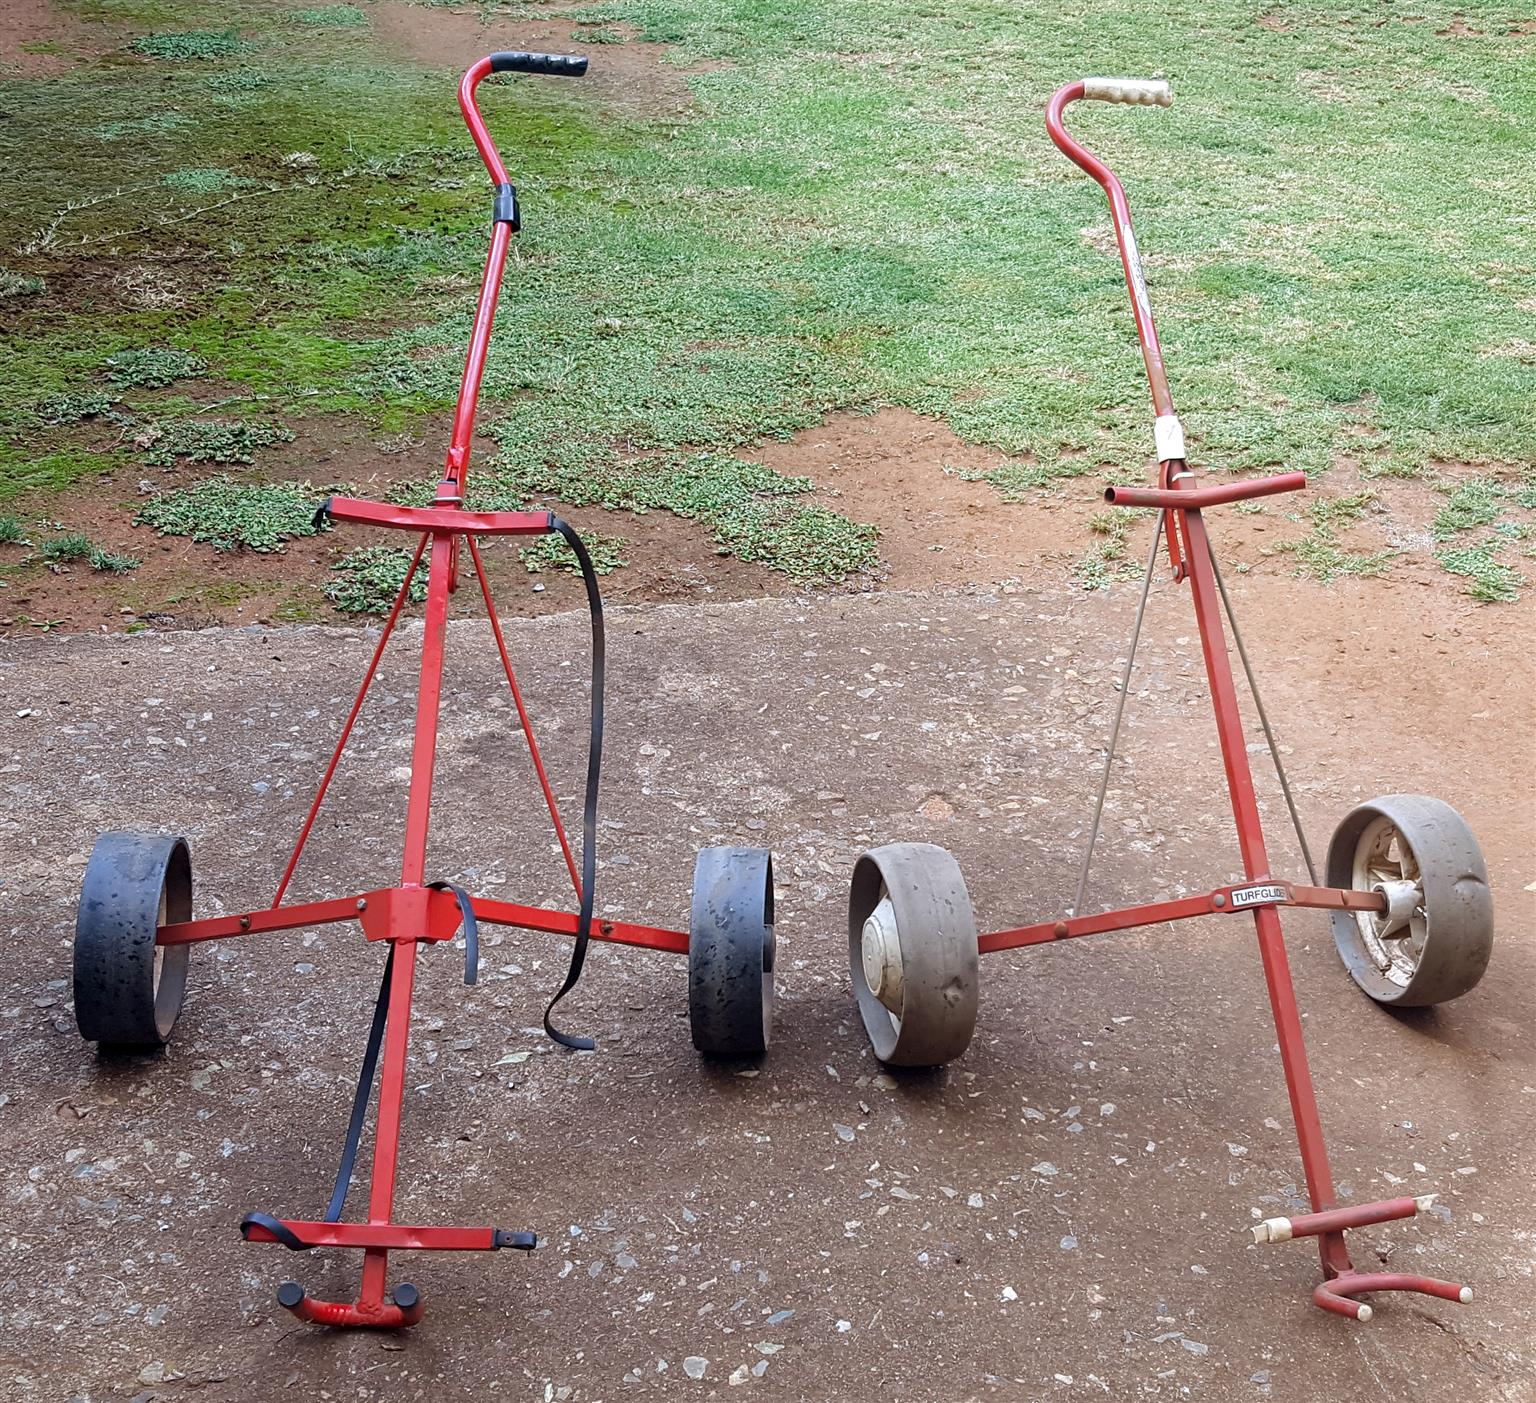 2 X golf bag trolleys